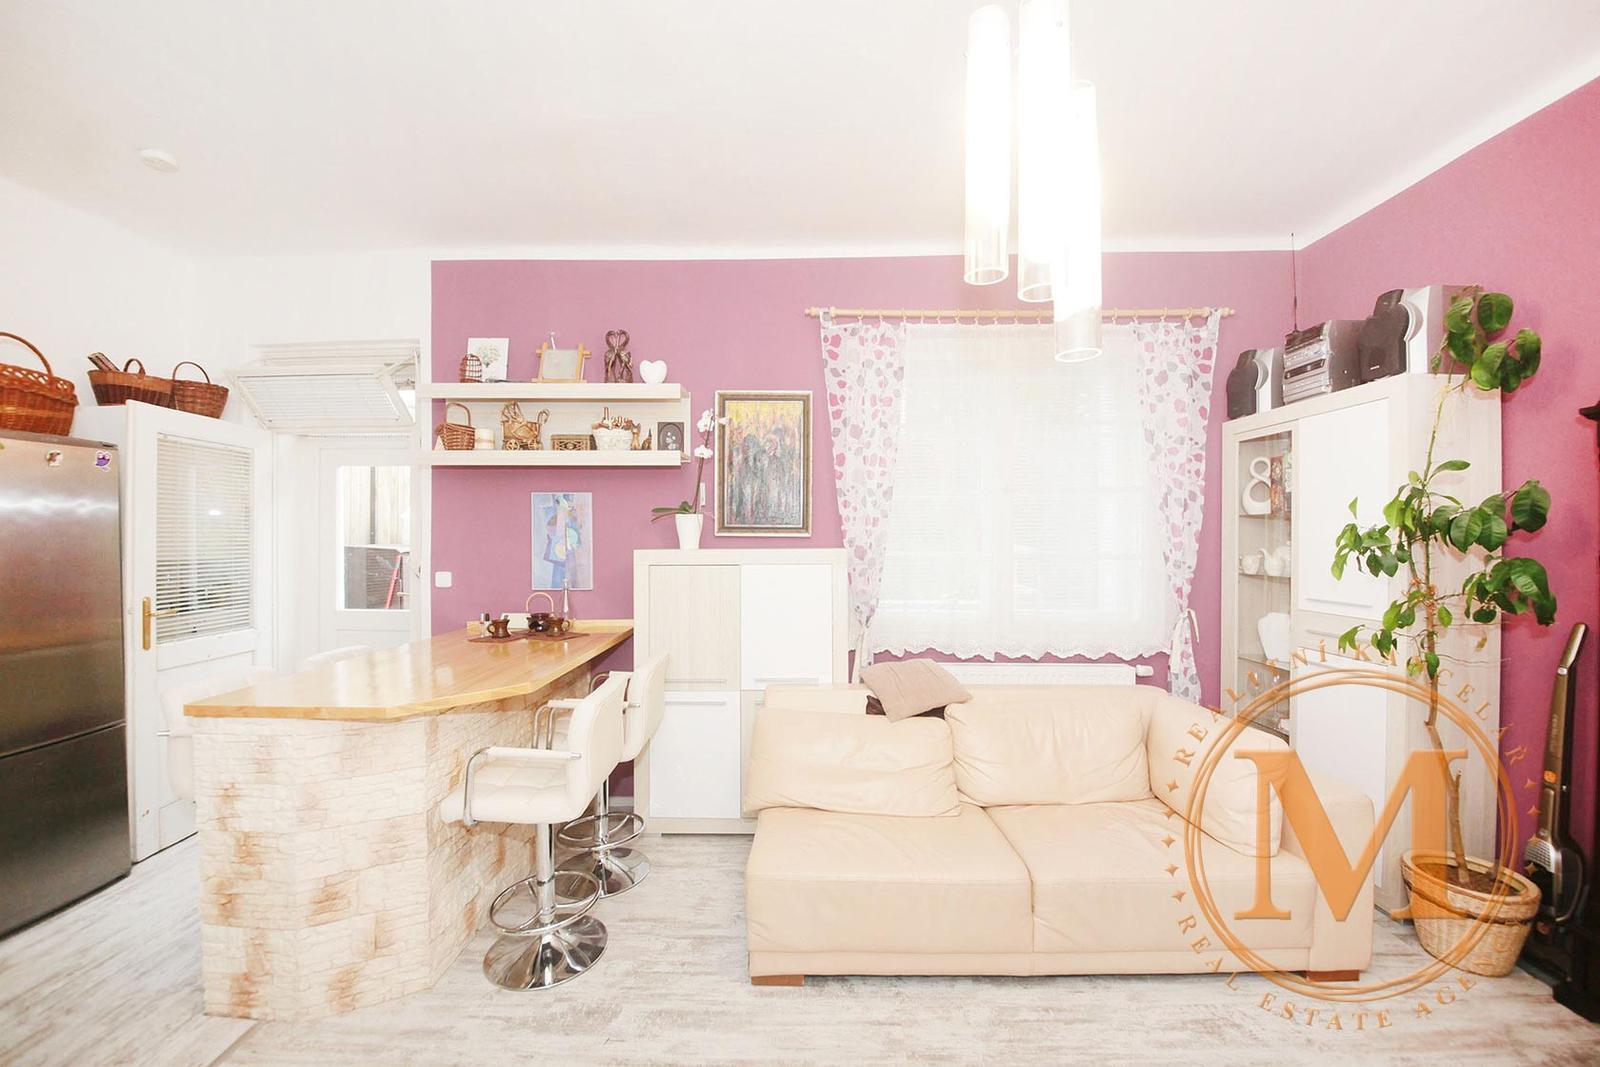 Inspirace budoucí obývací pokoj - Obrázek č. 6